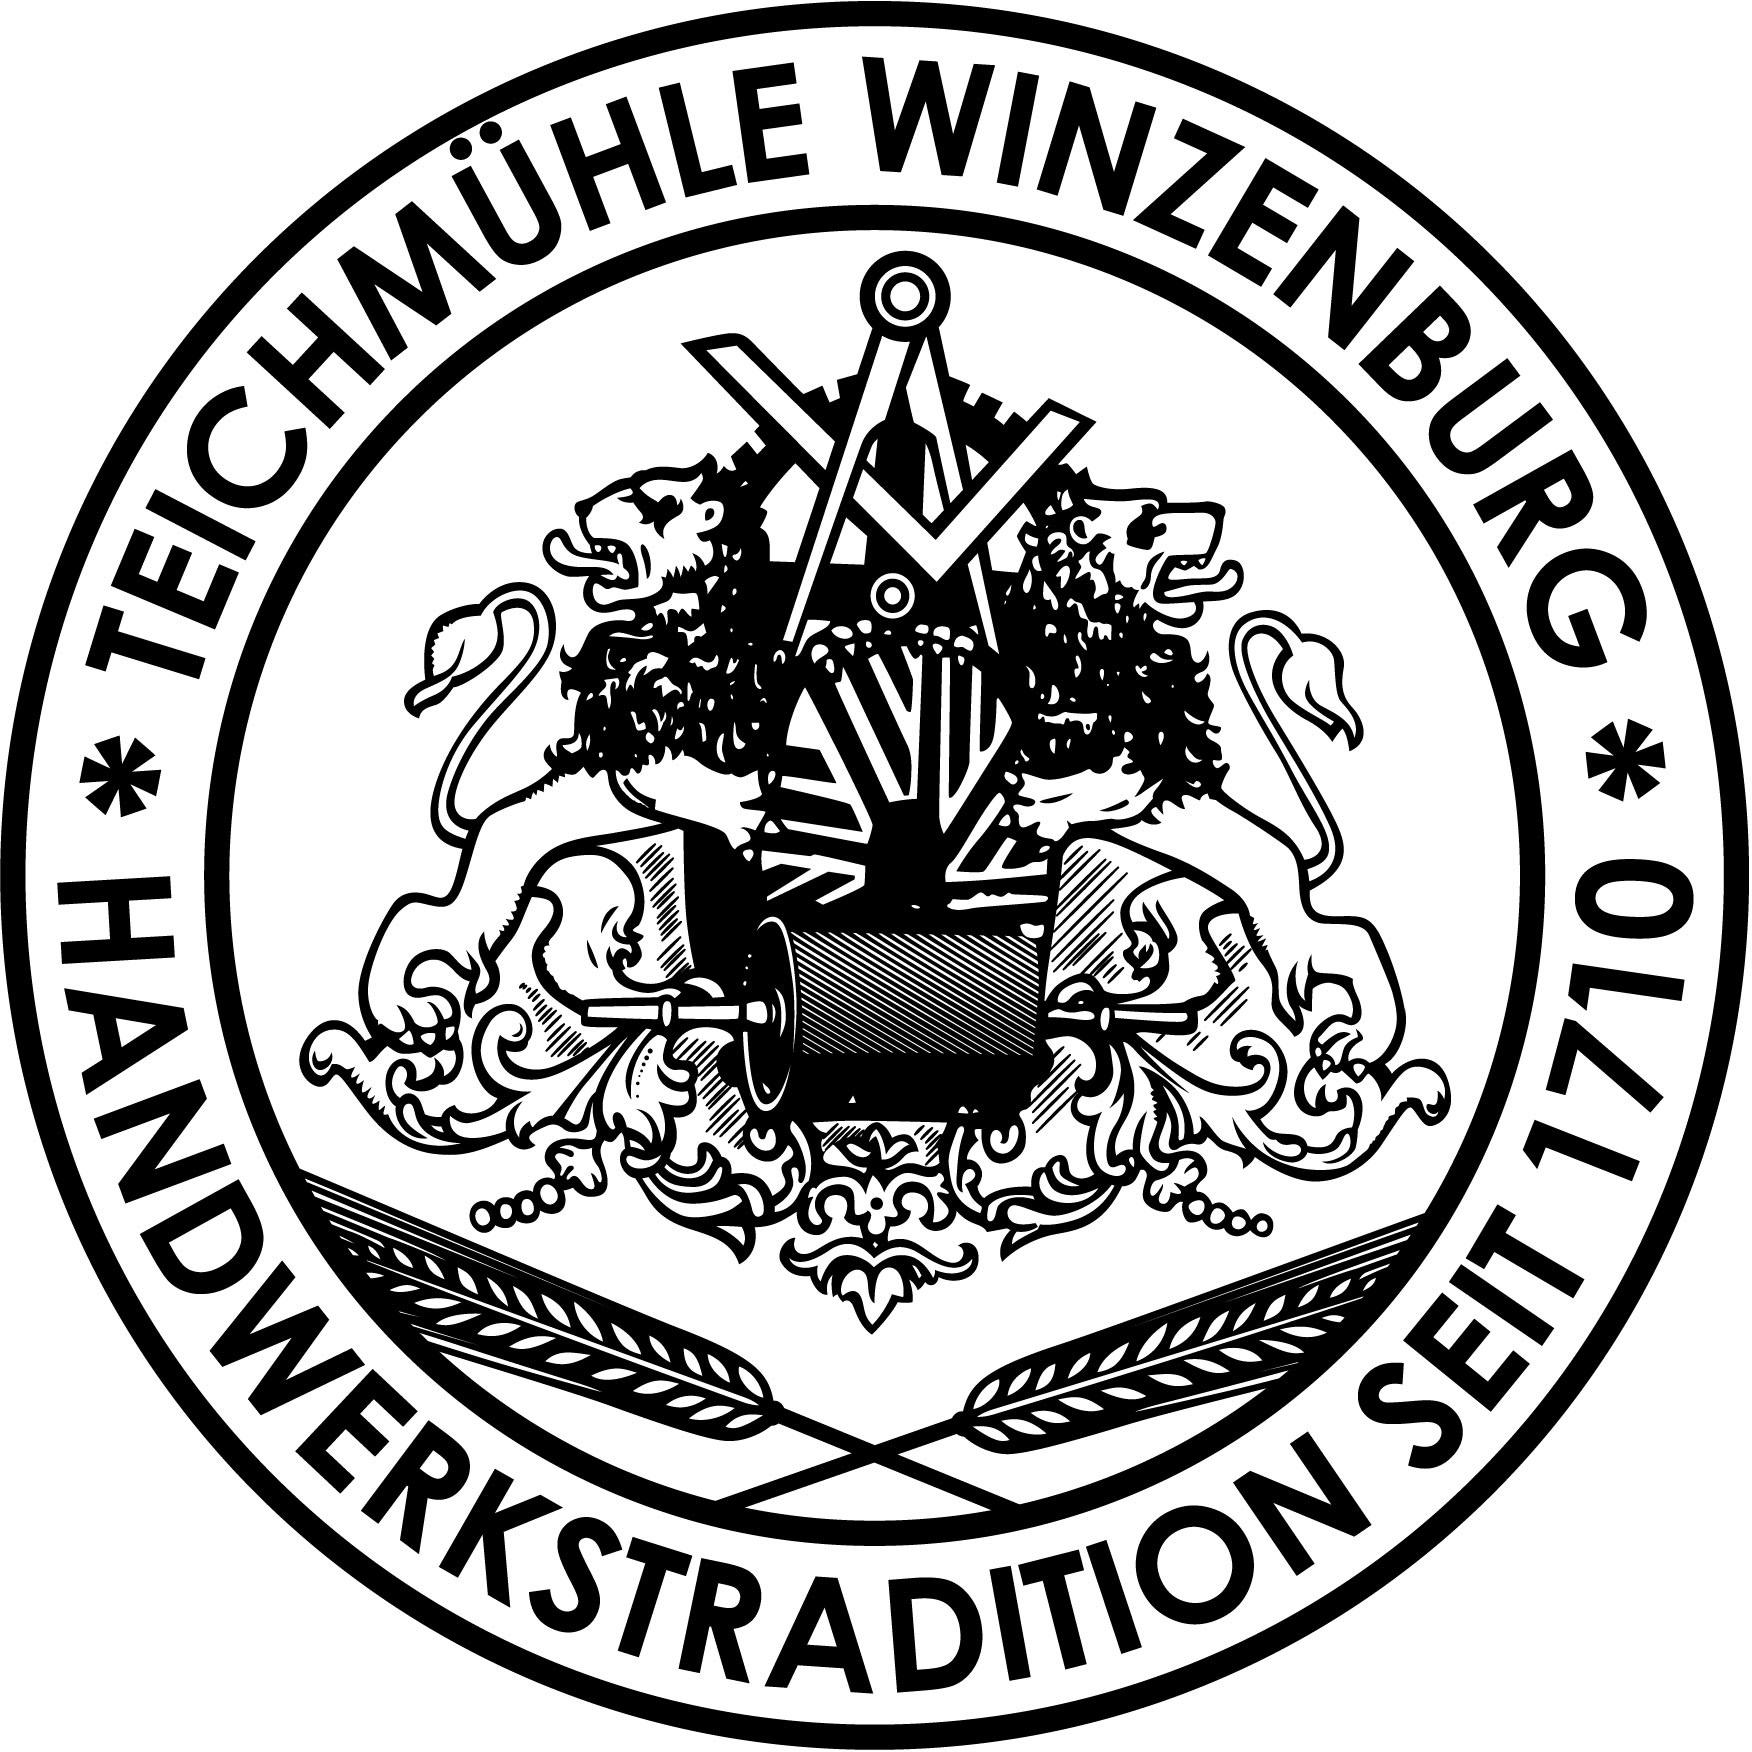 Teichmühle Winzenburg - Handwerkstradition seit 1710